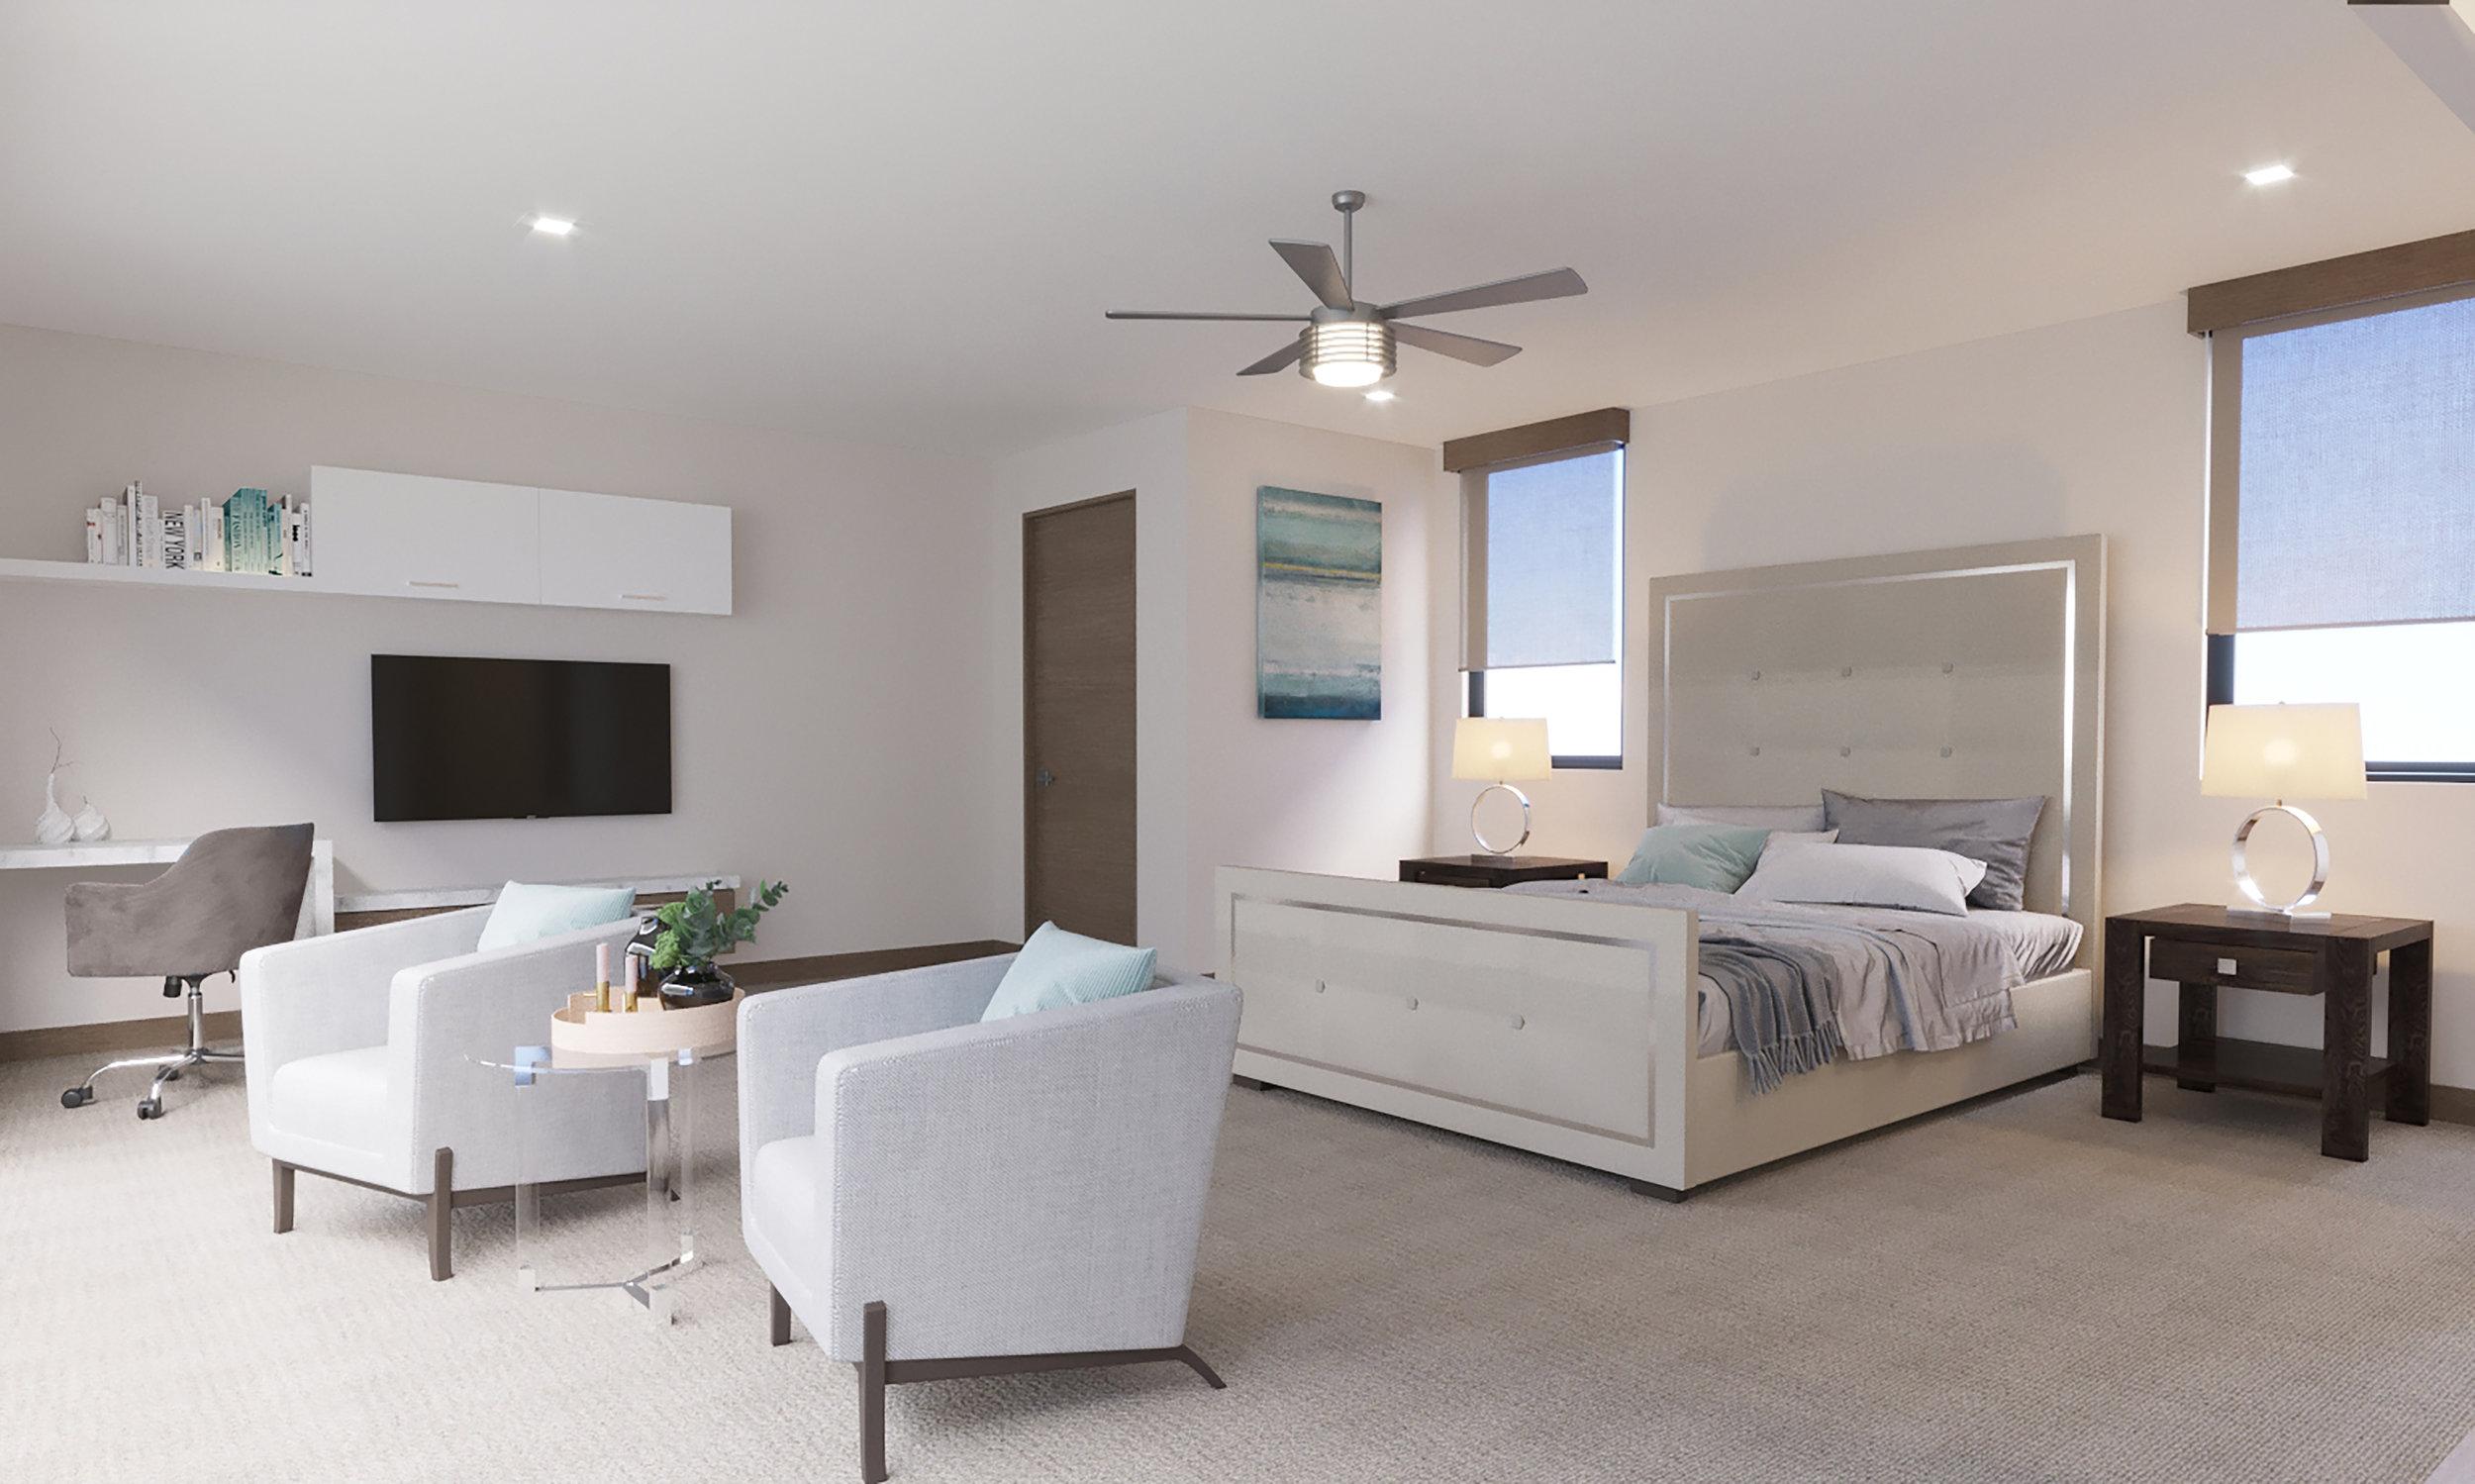 UPPER LEVEL: Bedroom 3